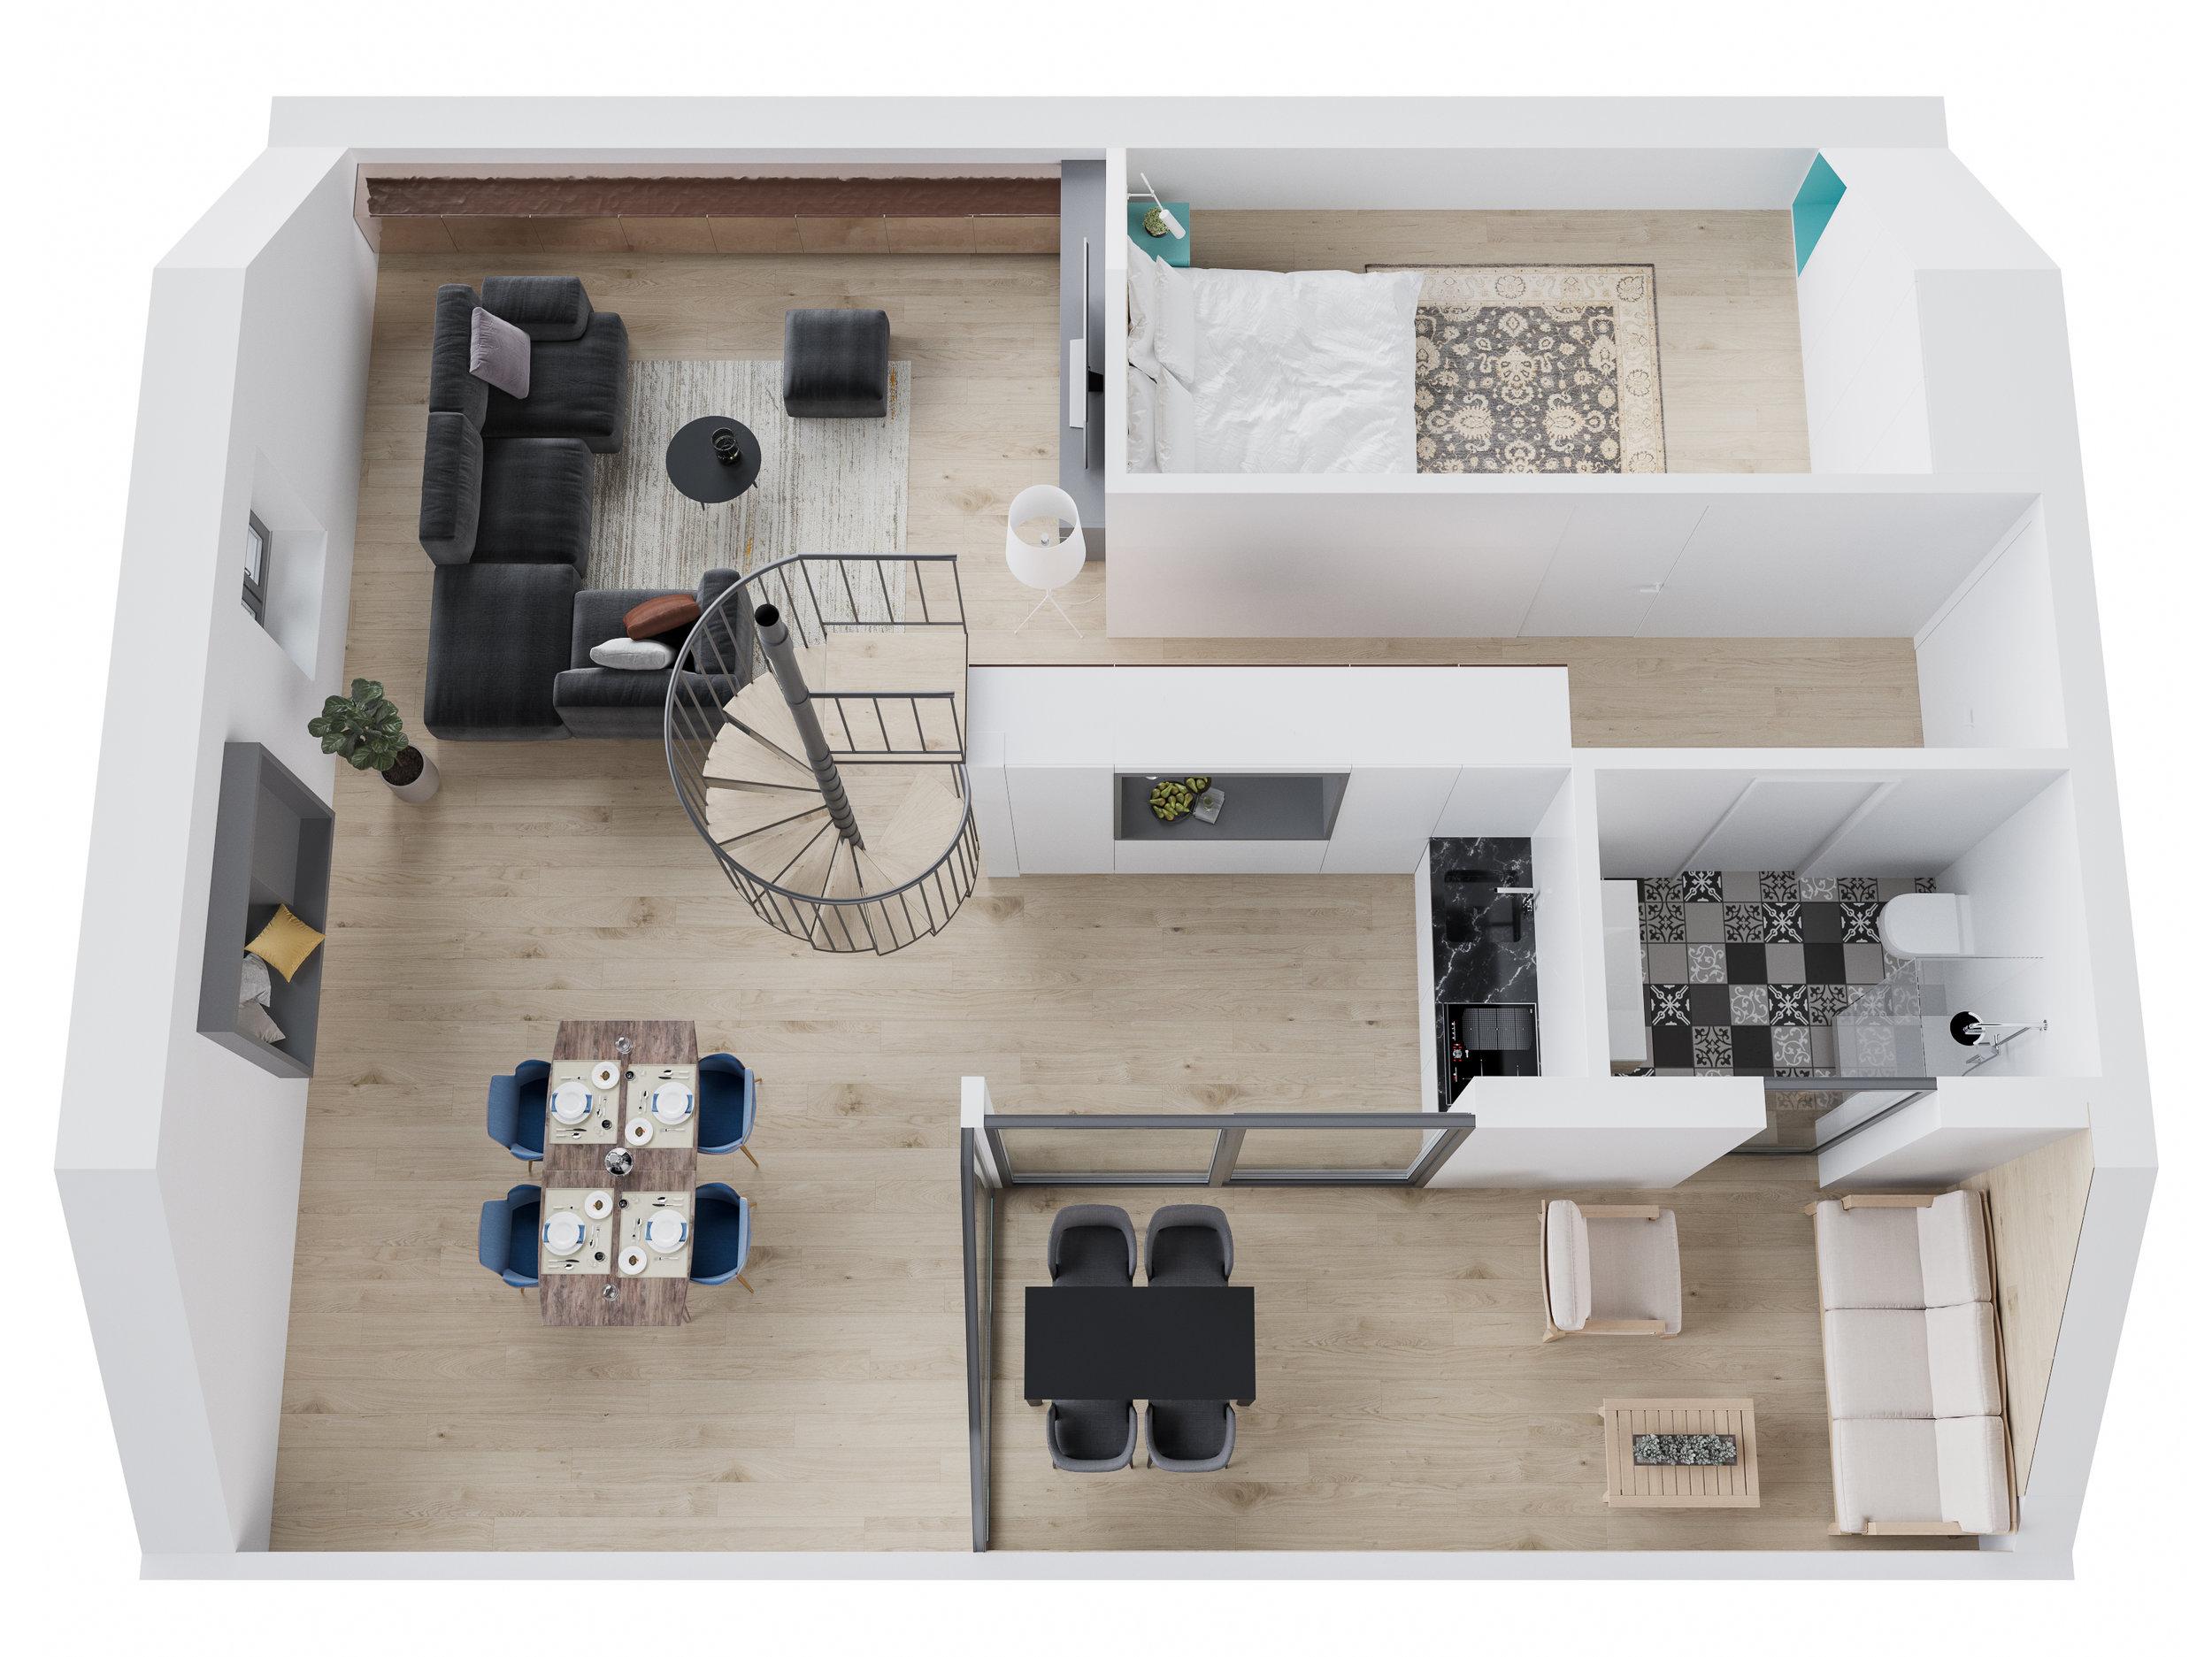 180705 Zurich Apartment interior 2 1 - 5.jpg